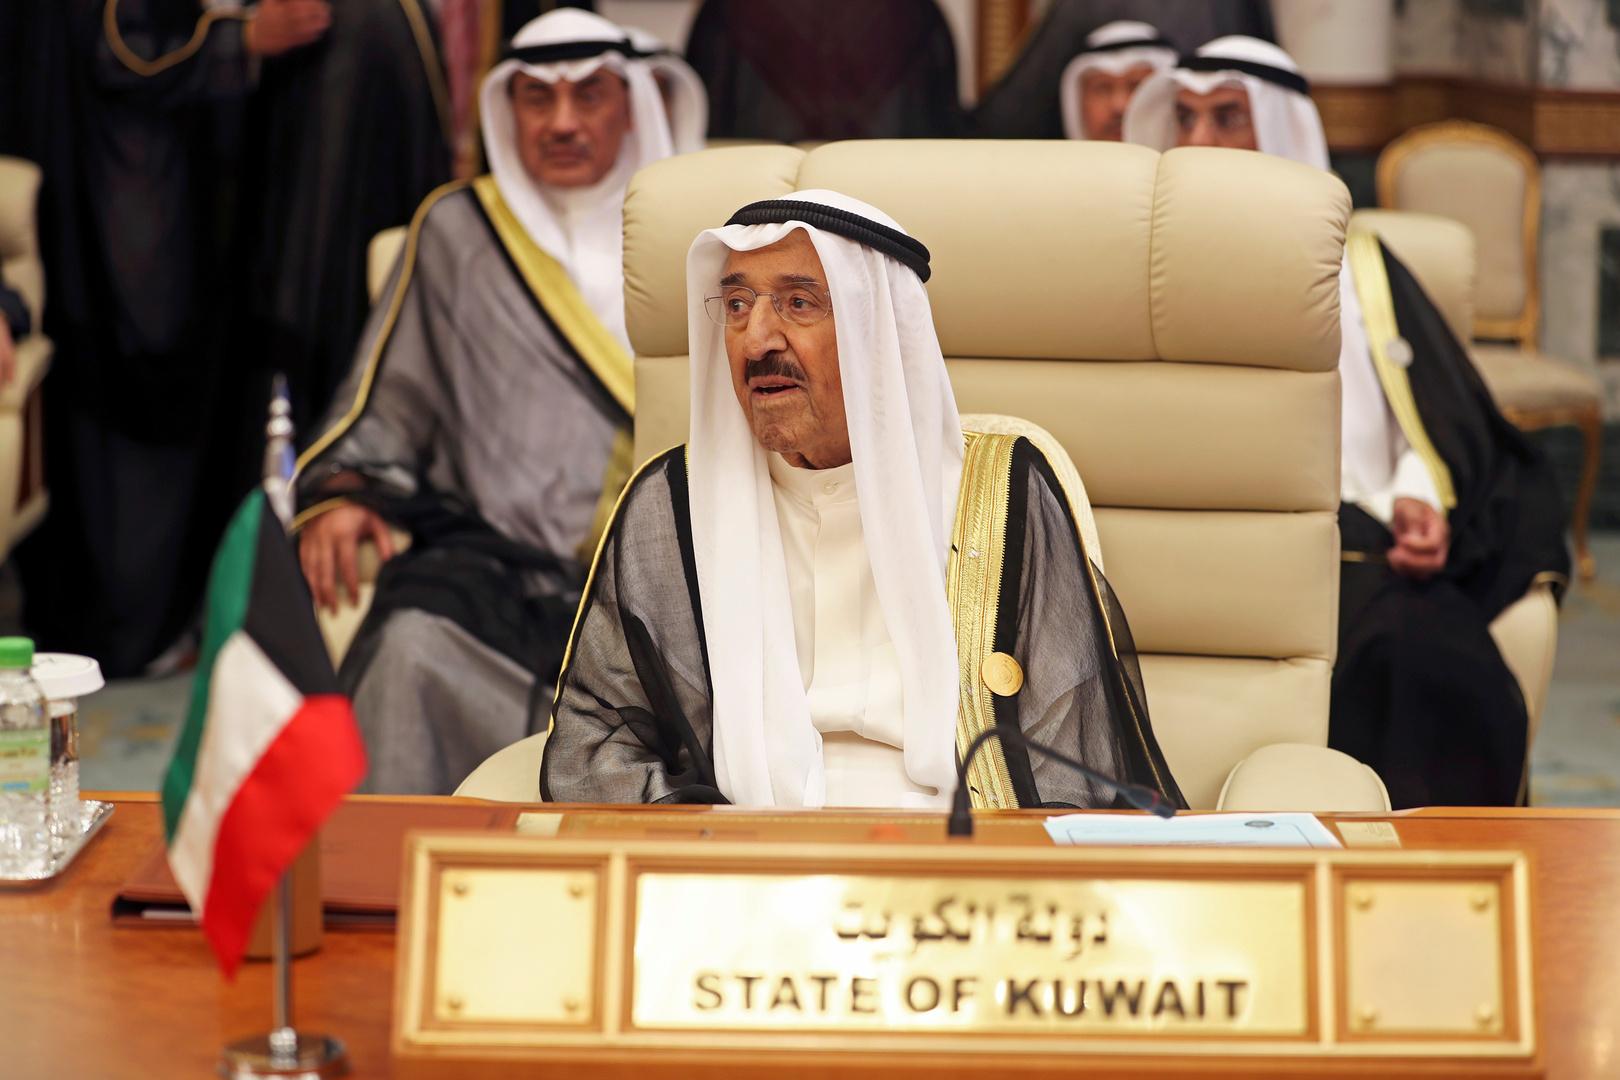 الديوان الأميري الكويتي: صحة الأمير مستقرة